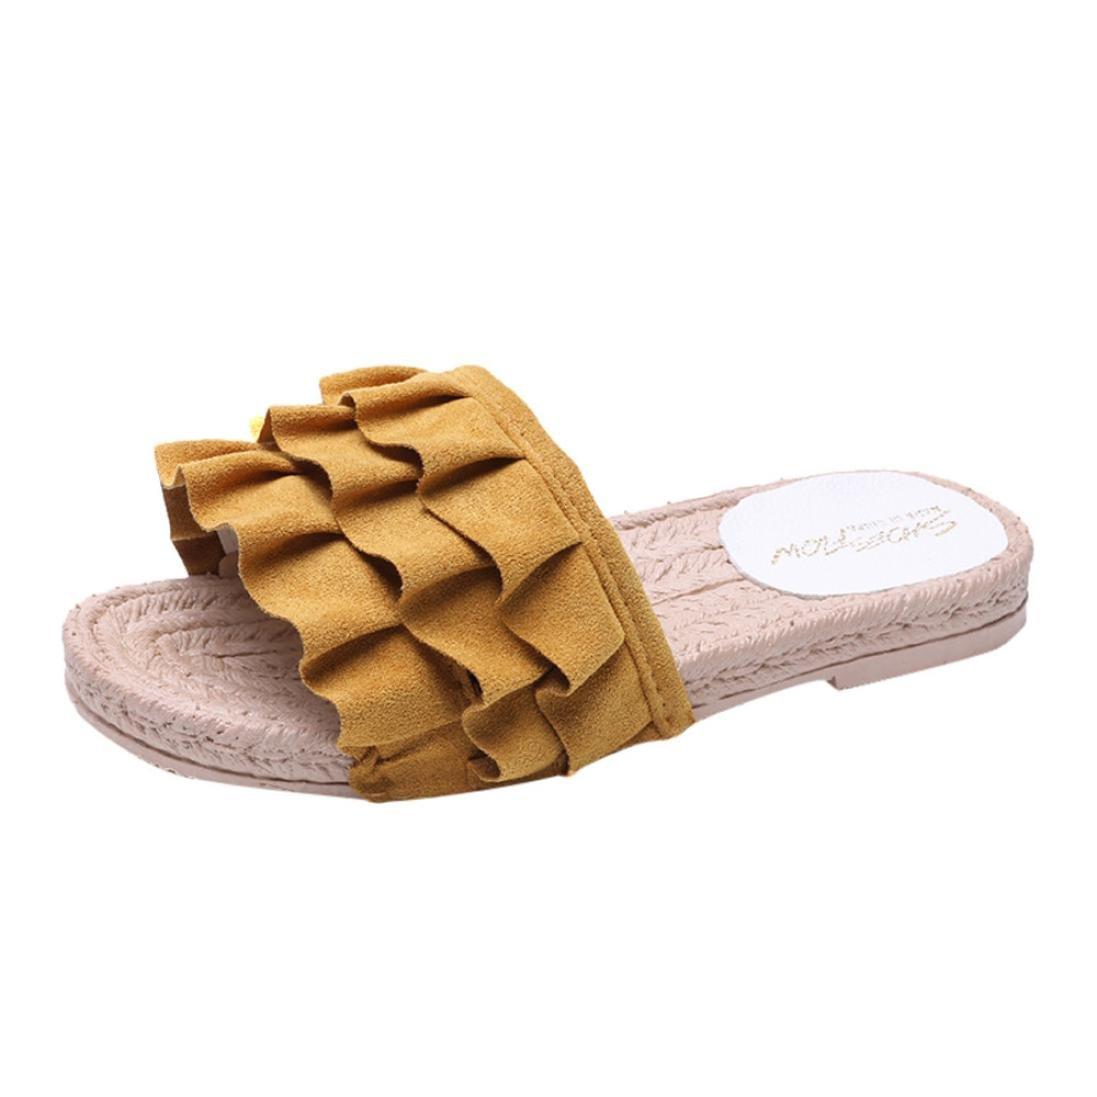 hausschuhe damen pantolette, FEITONG Sommer Slip-on Hausschuhe Komfort Sandaletten Spitze Zehentrenner Hausschuhe Pantoletten Einfarbig StrandschuheCN:36|Gelb